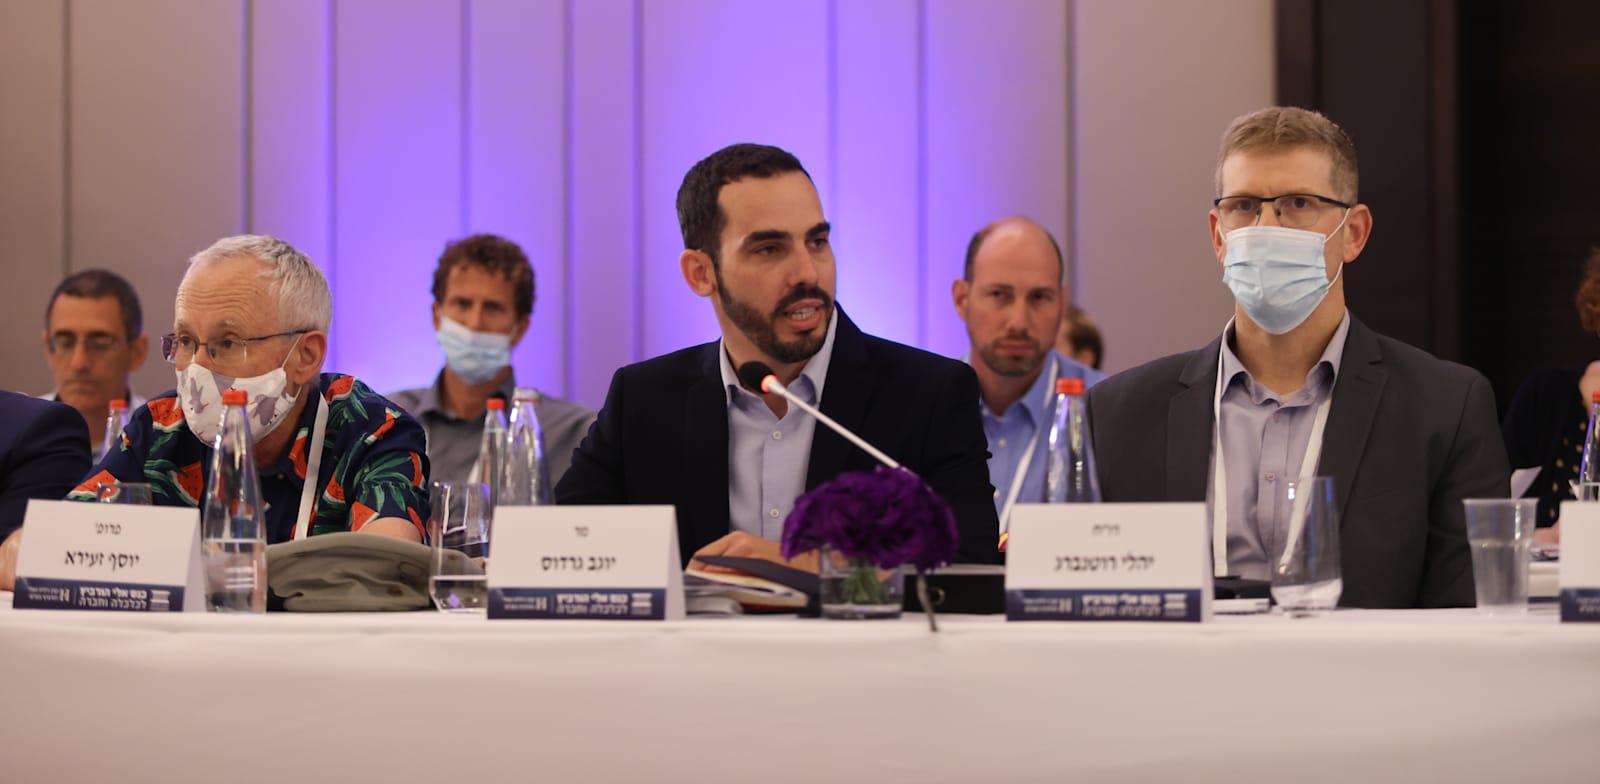 יוגב גרדוס / צילום: המכון הישראלי לדמוקרטיה